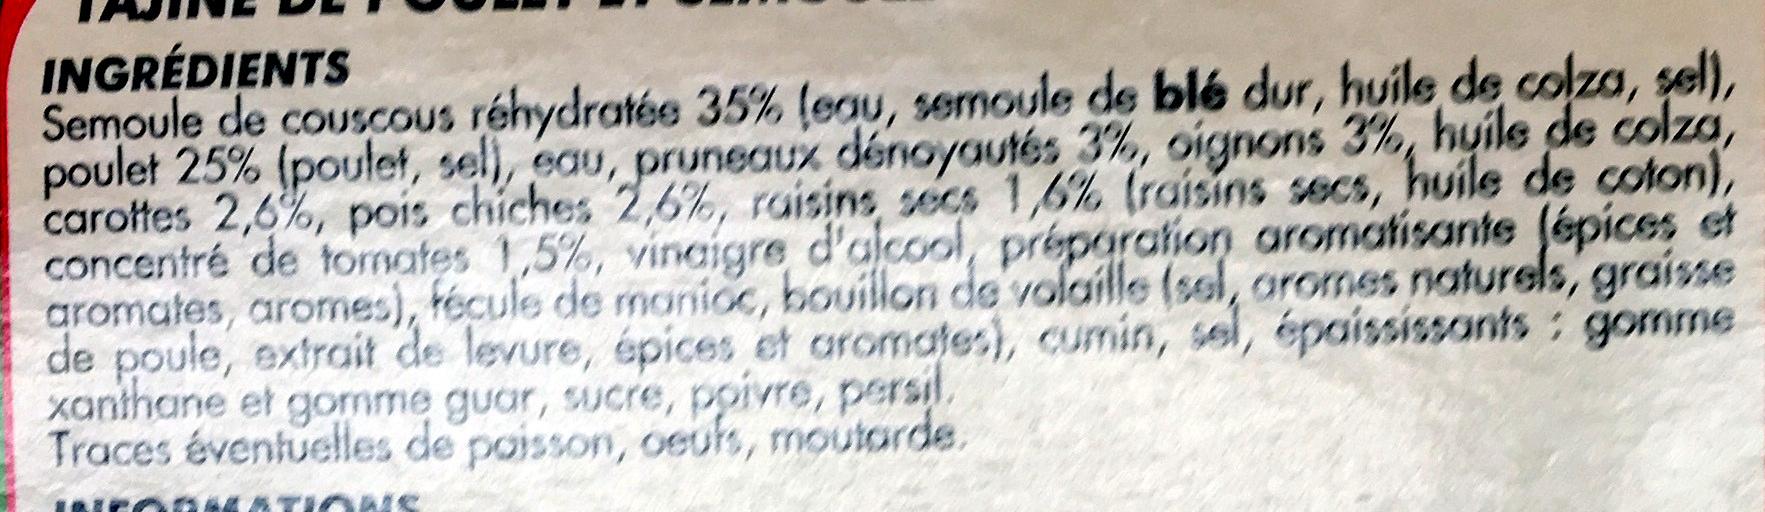 Tajine de Poulet & Semoule - Ingrédients - fr